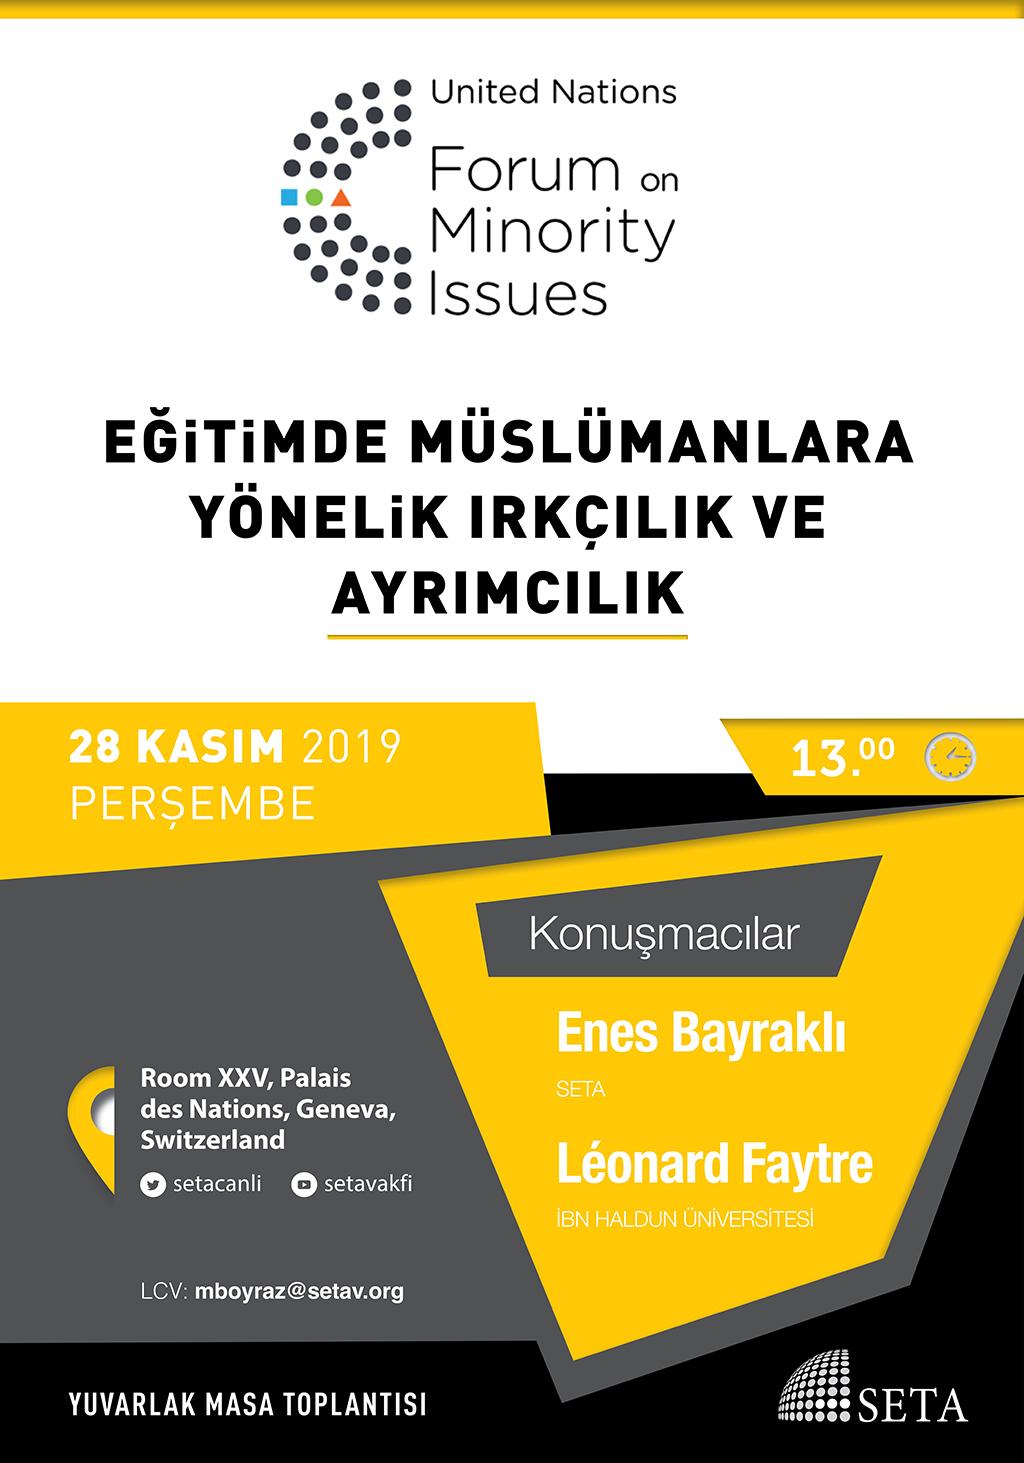 """Yuvarlak Masa Toplantısı: """"Eğitimde Müslümanlara Yönelik Irkçılık ve Ayrımcılık"""""""